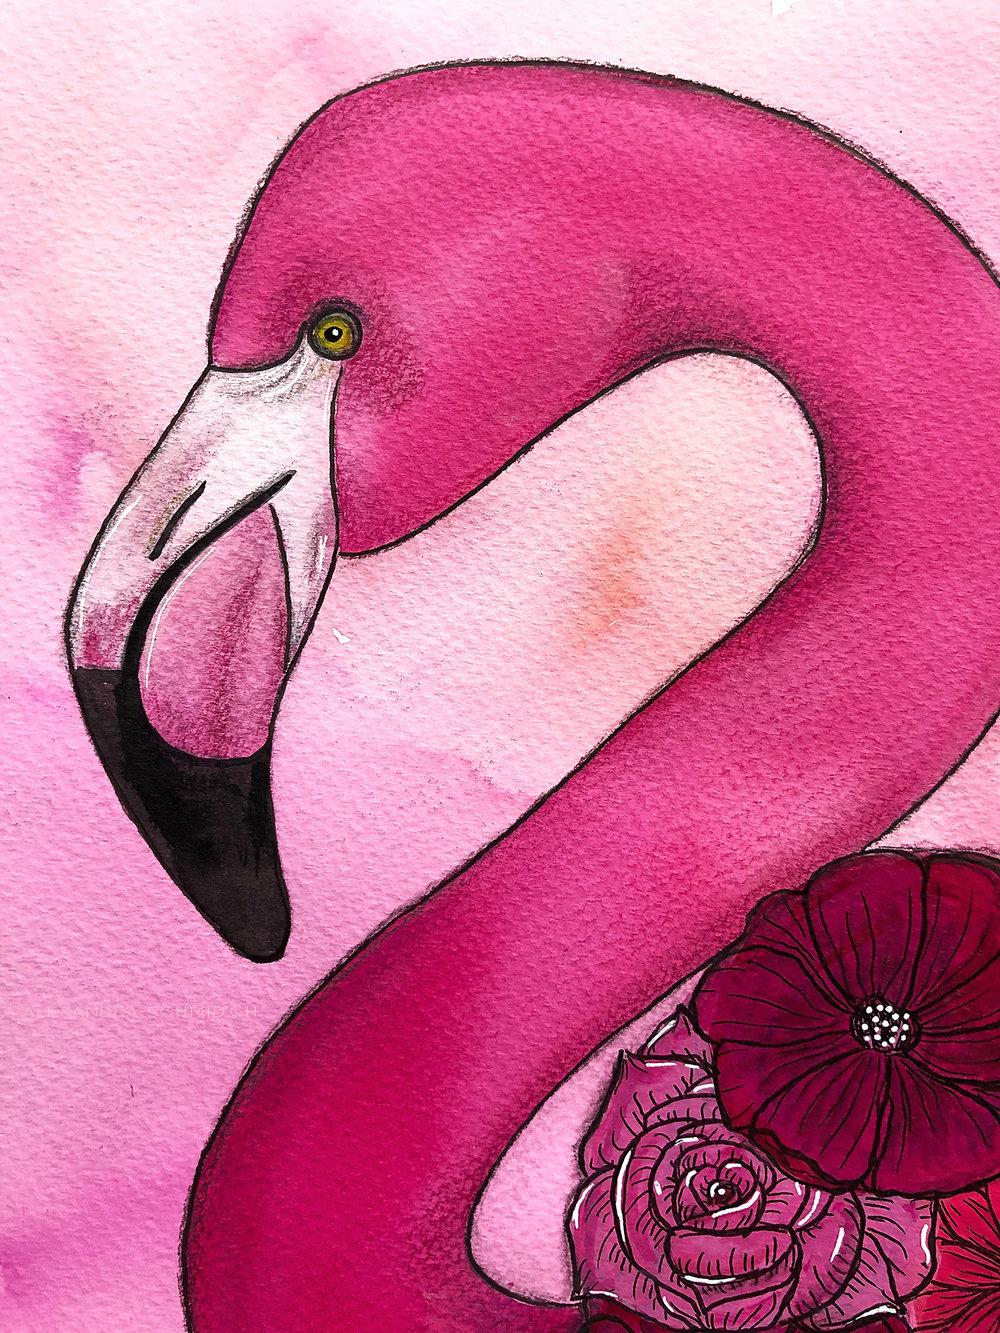 AS_Flamingo2Insta.jpg